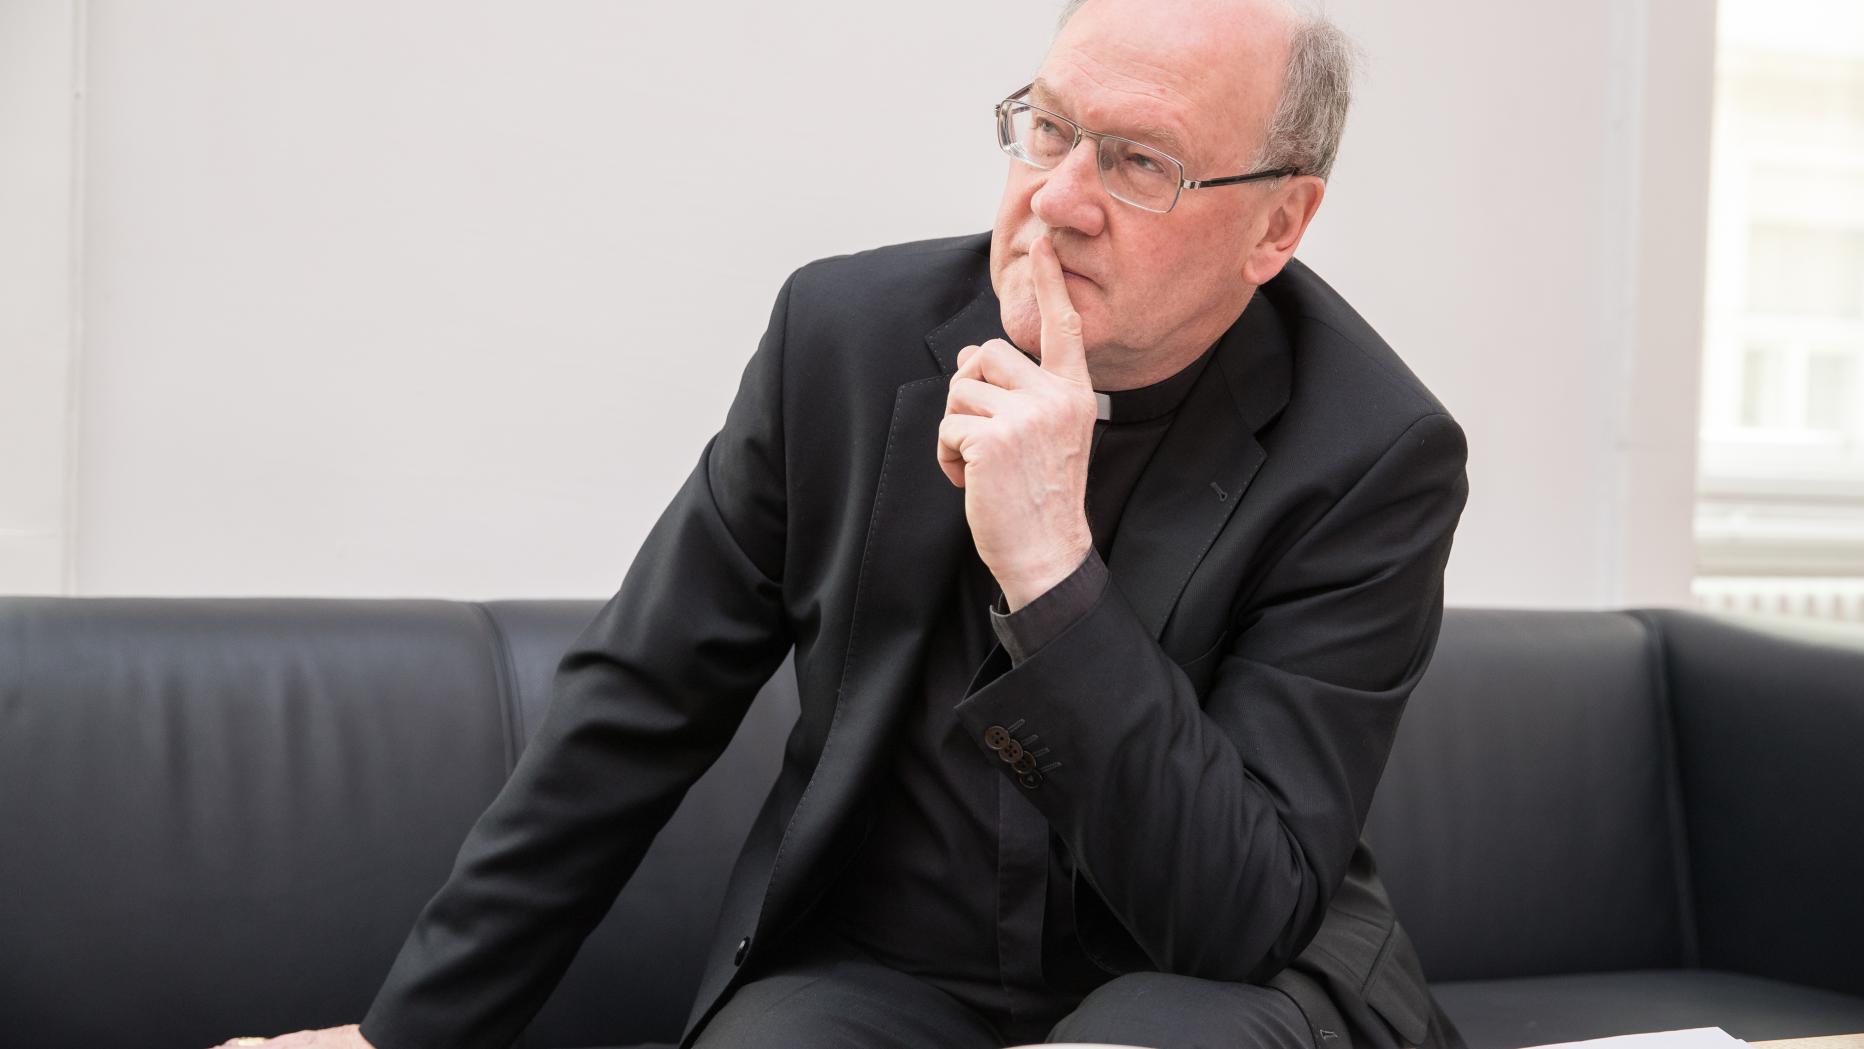 Hartl partnersuche bezirk - Sankt marein-feistritz single mnner